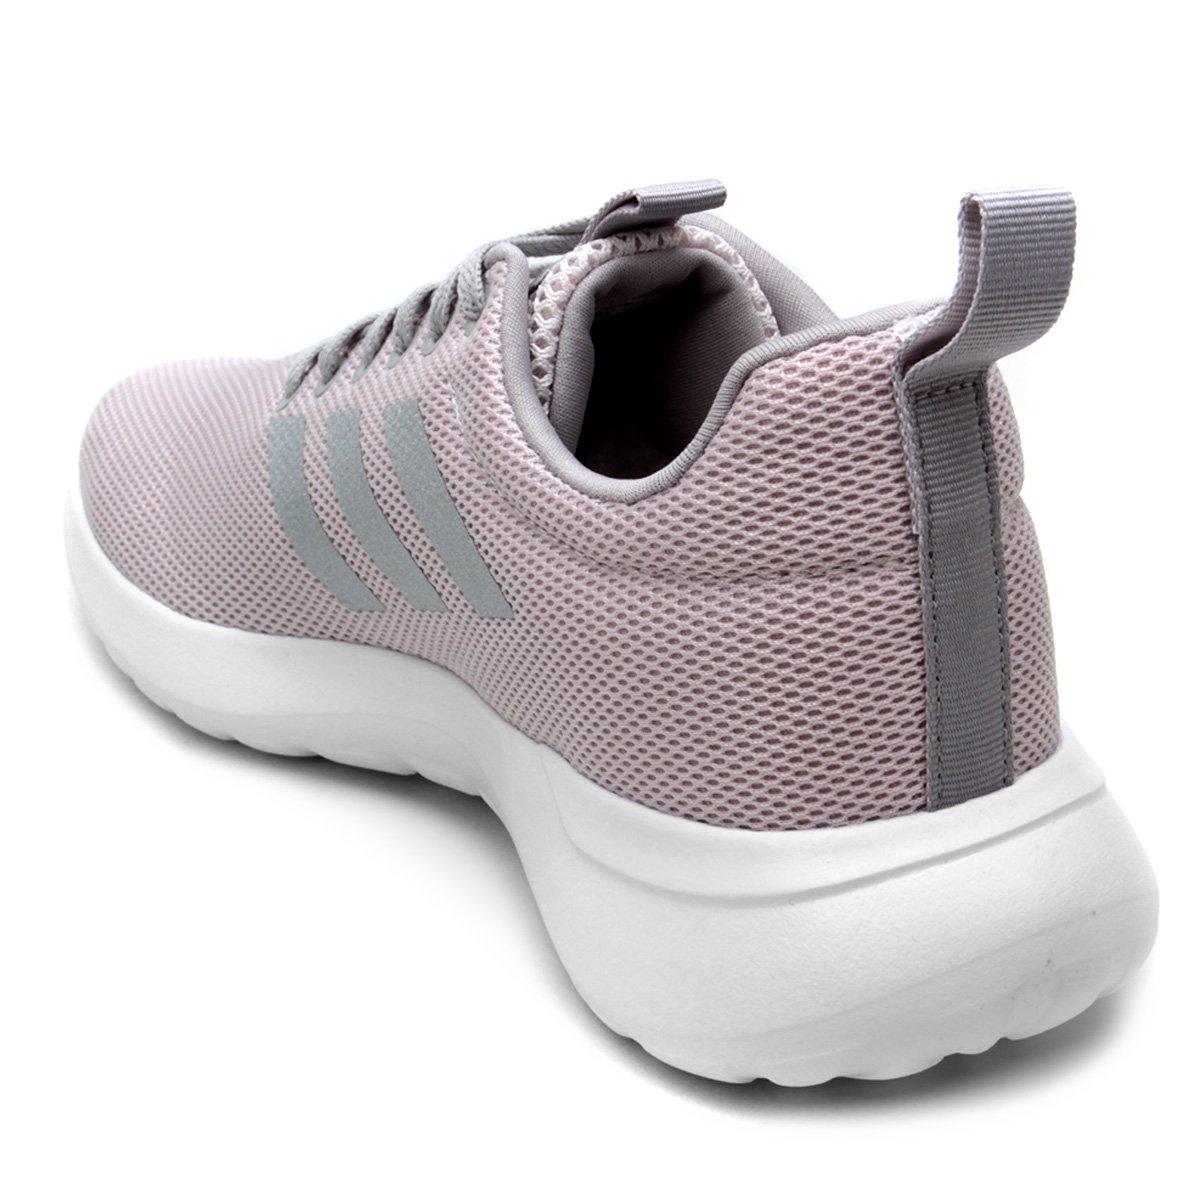 81a99cf78af Tênis Adidas Lite Racer Cln Feminino